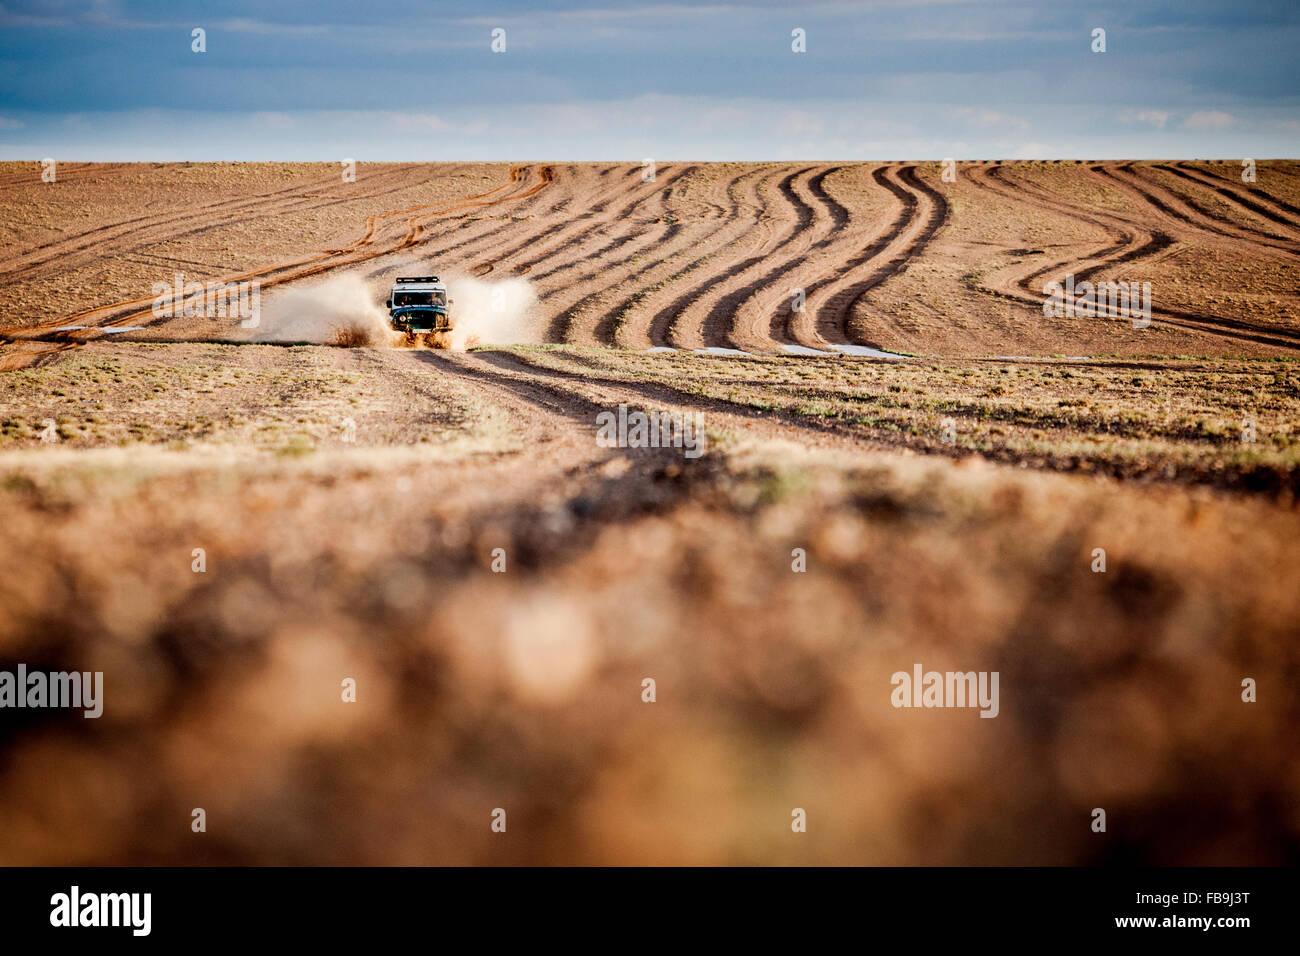 Un 4X4 Russe en action dans le désert de Gobi, en Mongolie. Photo Stock